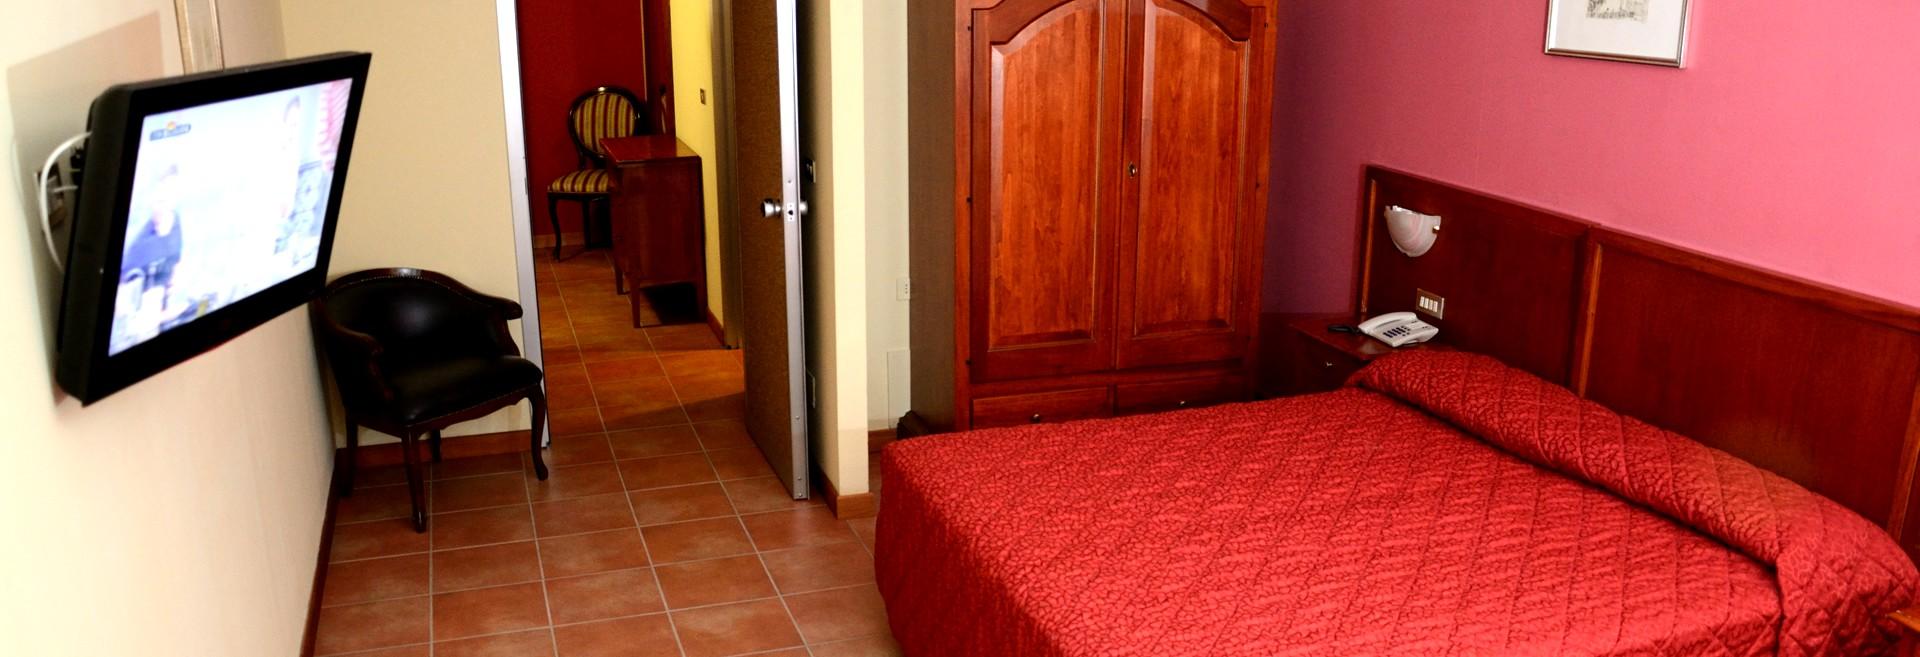 hotel-san-paolo-camera-matr